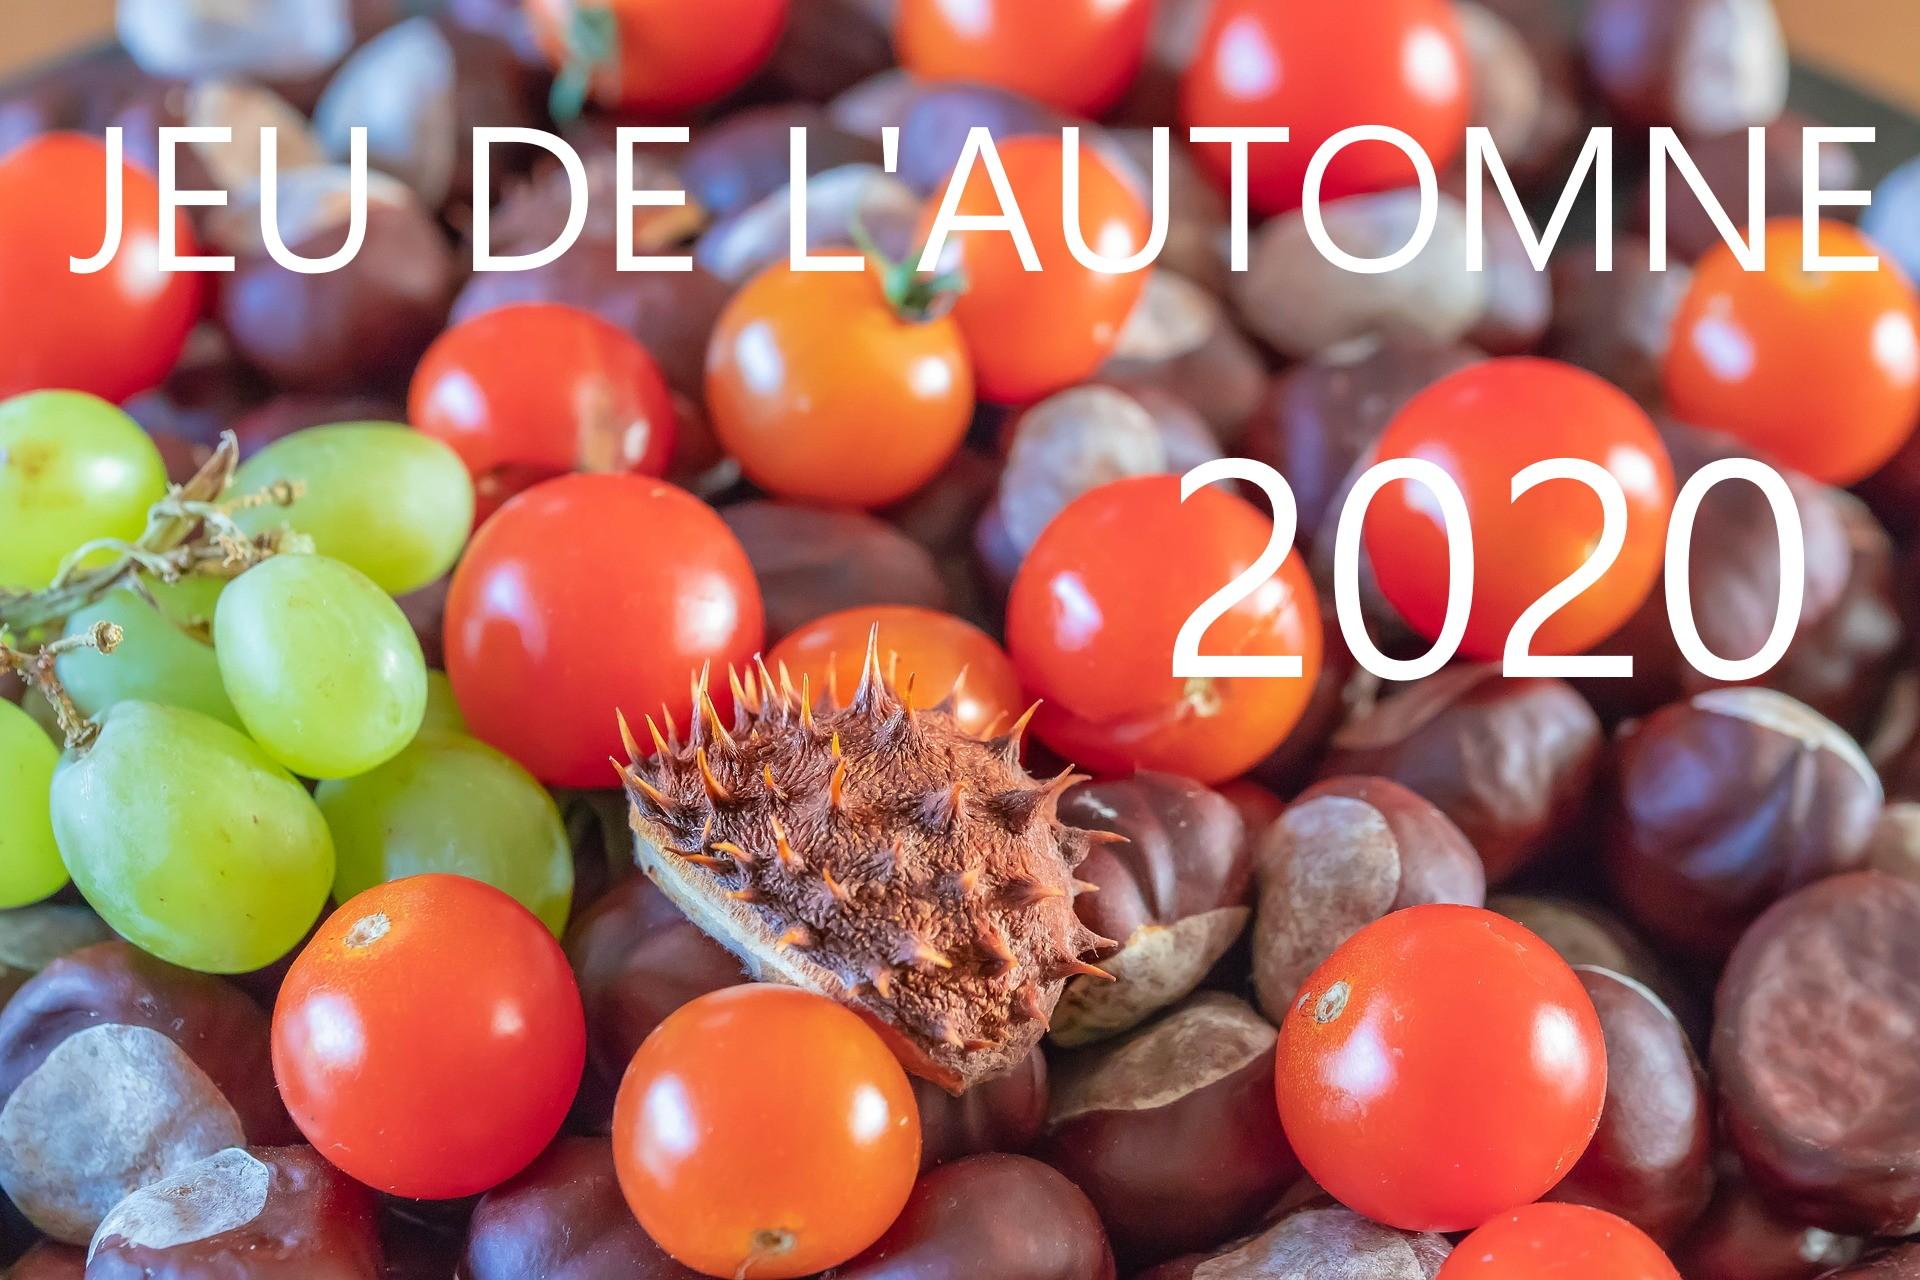 Jeu automne 2020